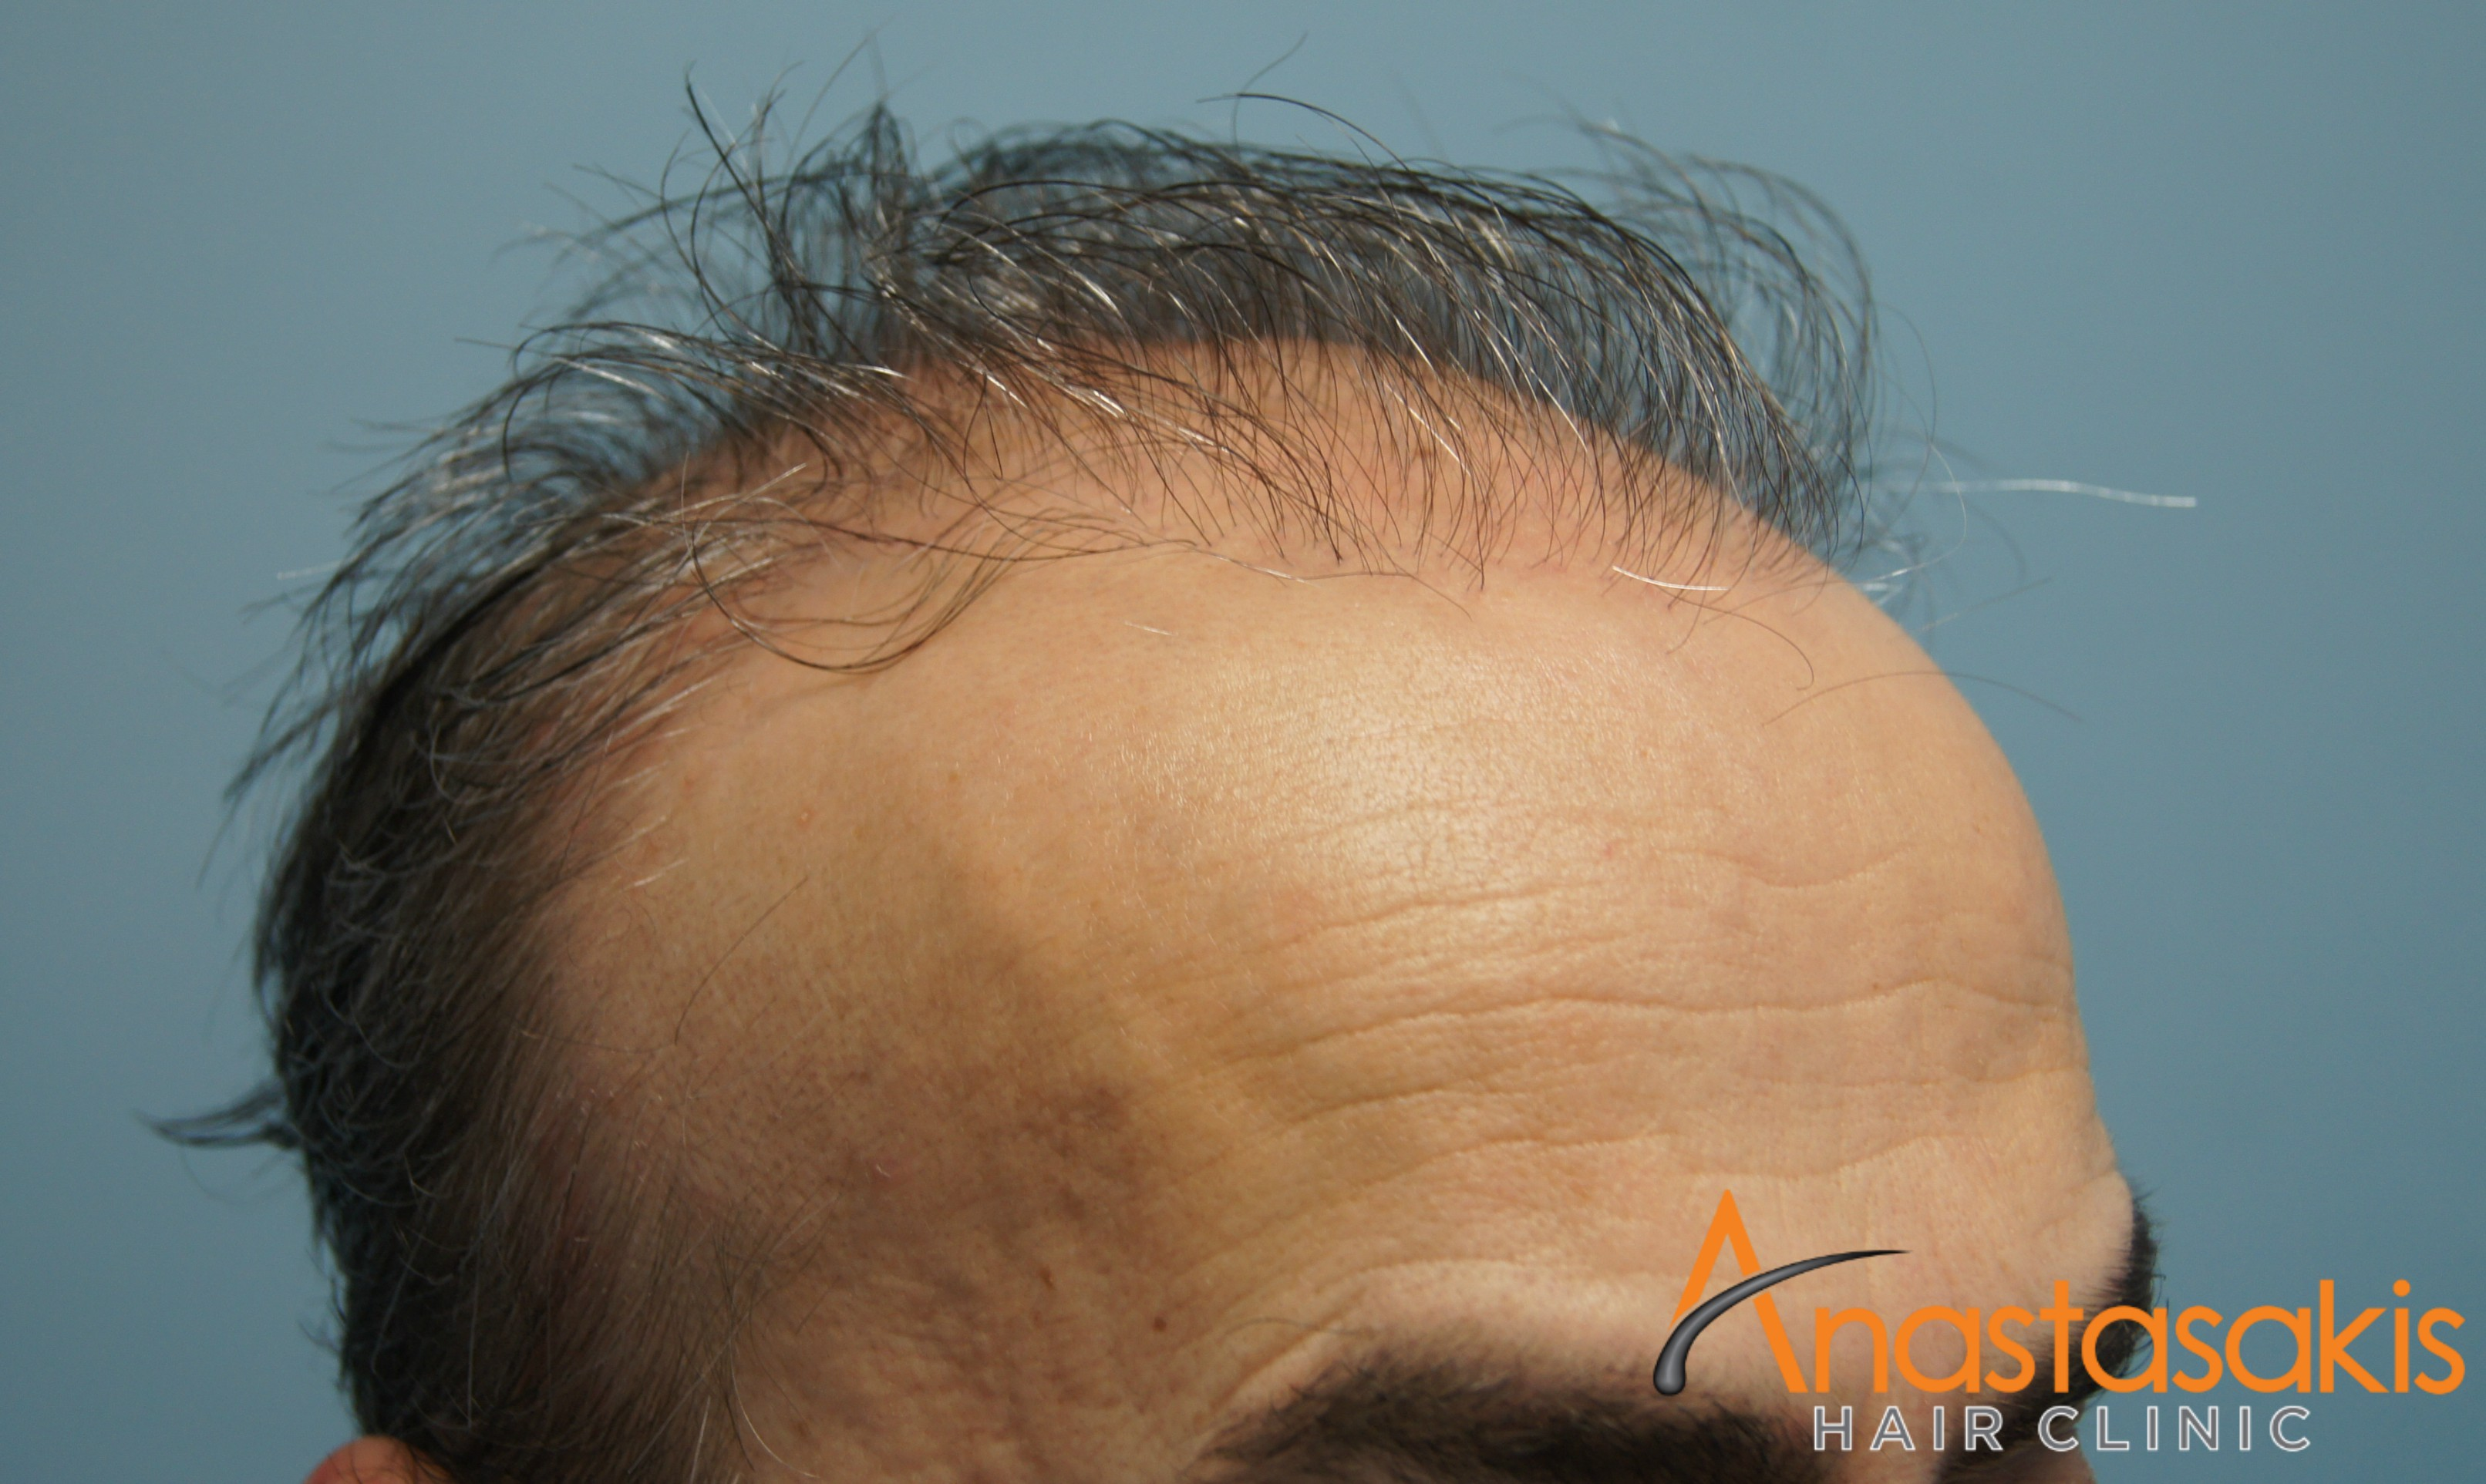 δεξι προφιλ ασθενους πριν τη μεταμοσχευση μαλλιων με 2500 fus